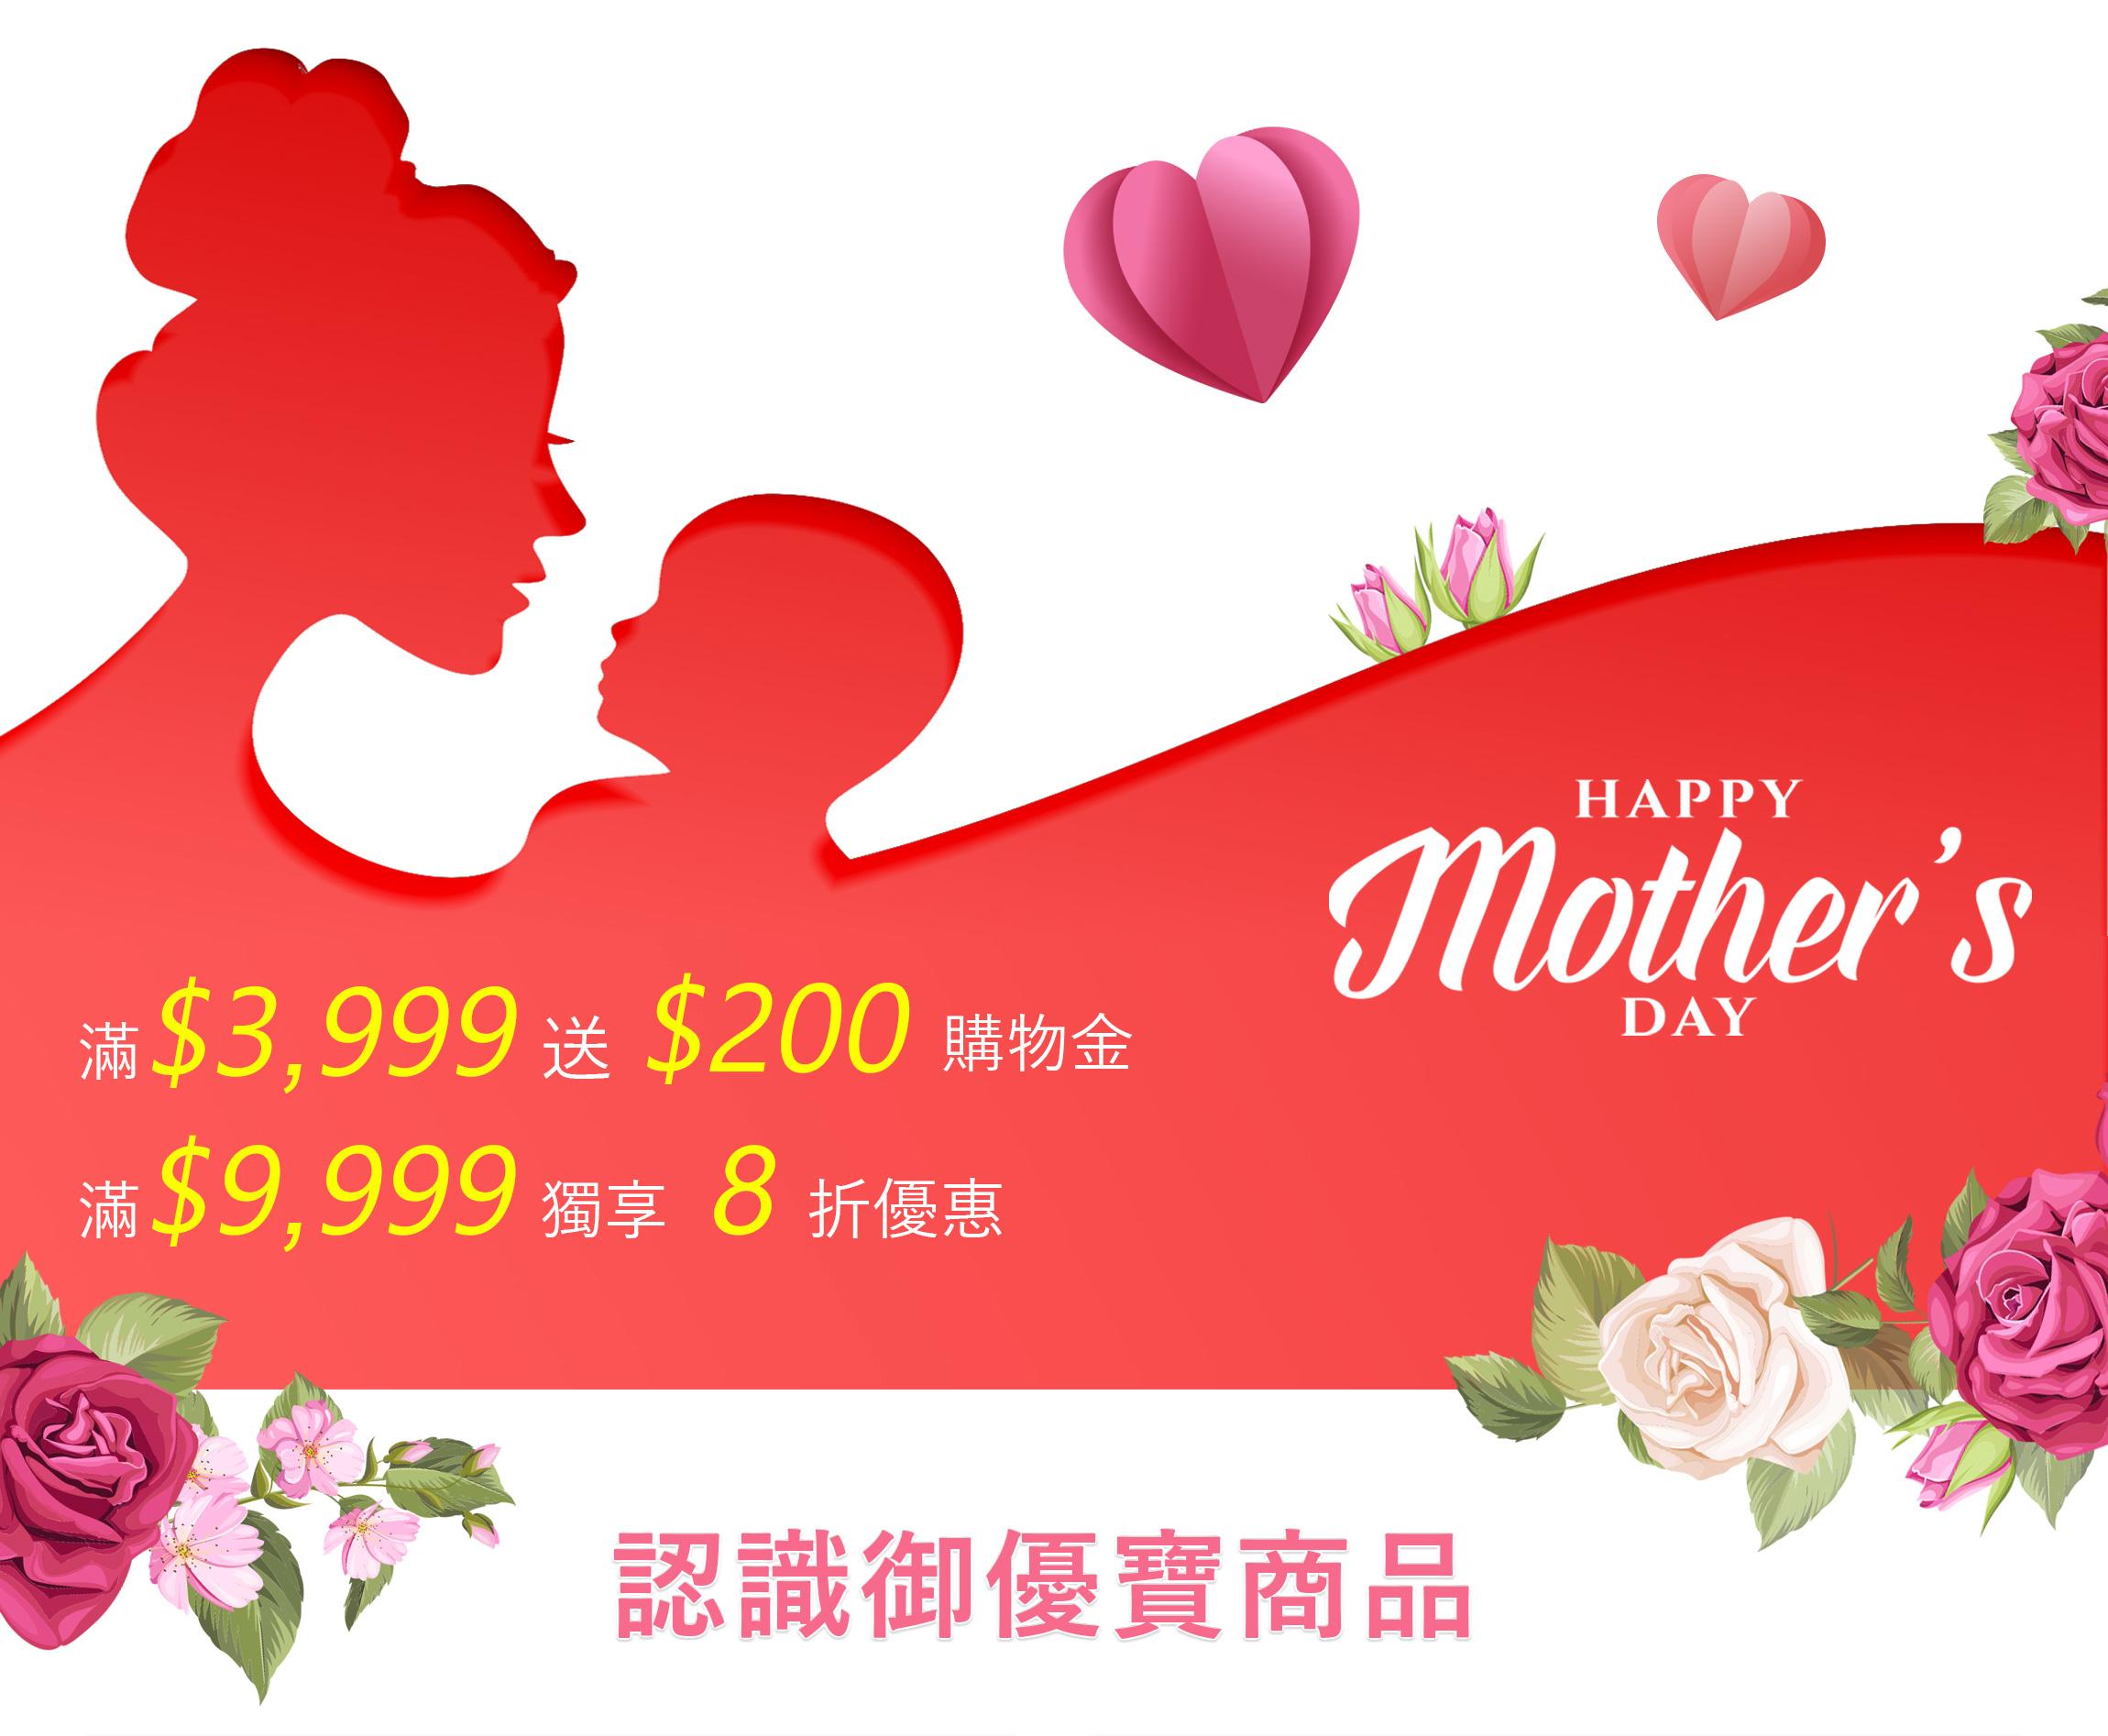 御優寶母親節活動-滿$3999送$200購物金。滿$9999獨享8折優惠